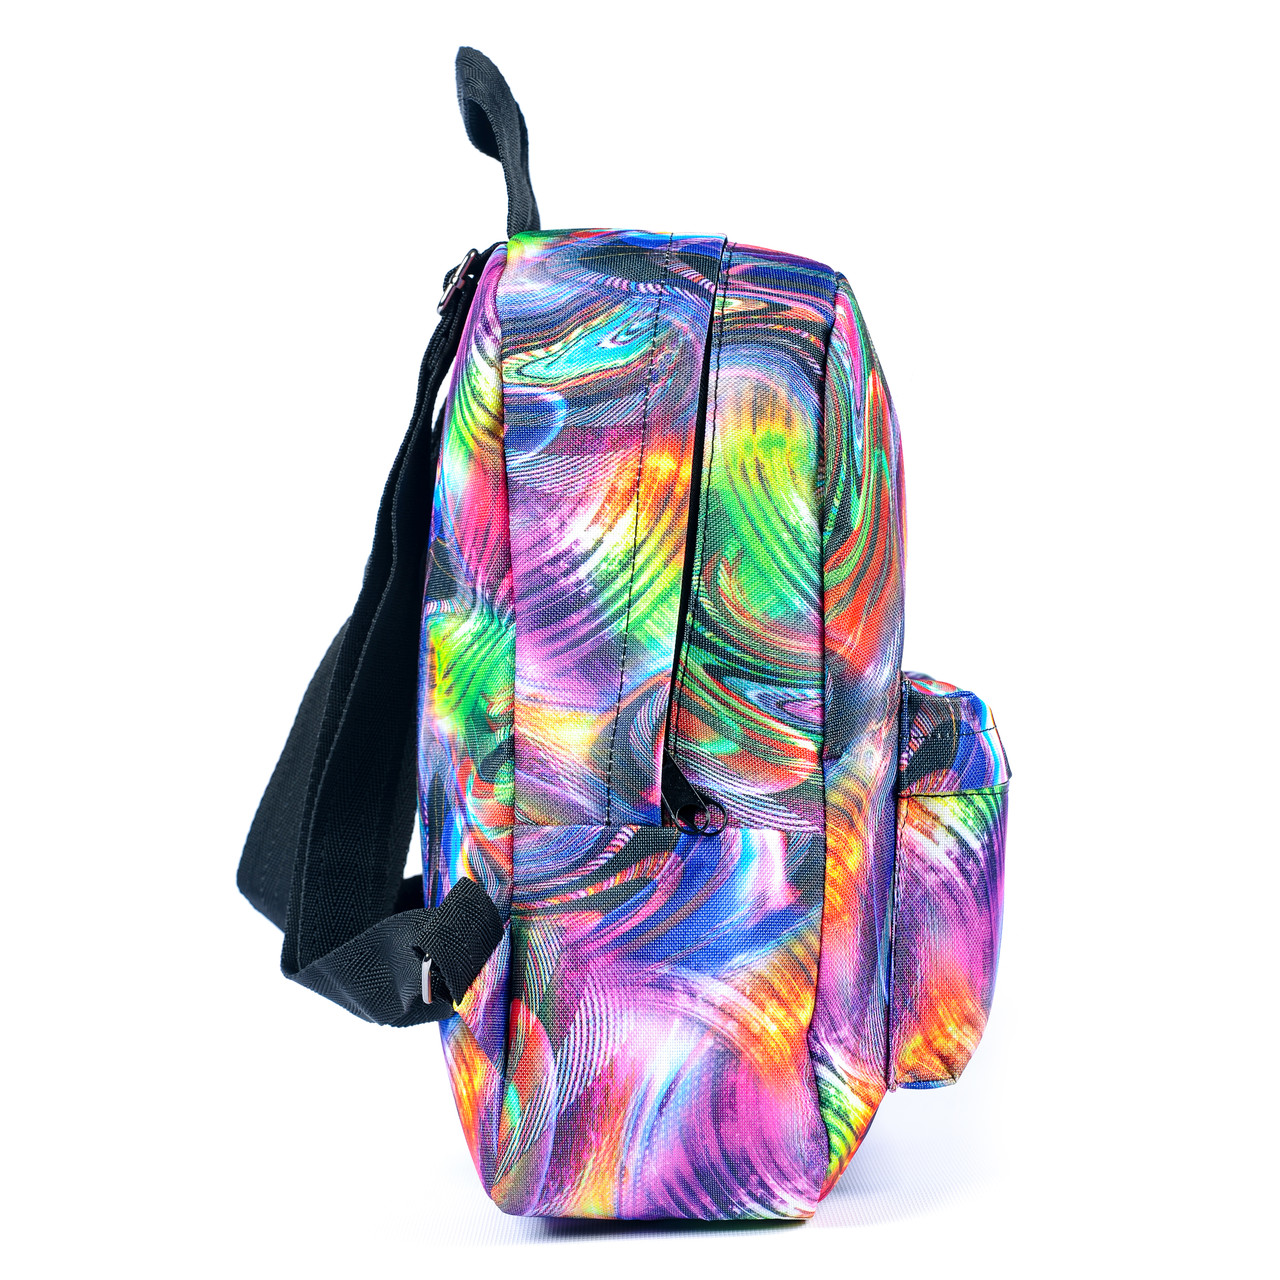 Рюкзак Mayers молодежный с принтом Разноцветные разводы, 7.5 л, фото 6